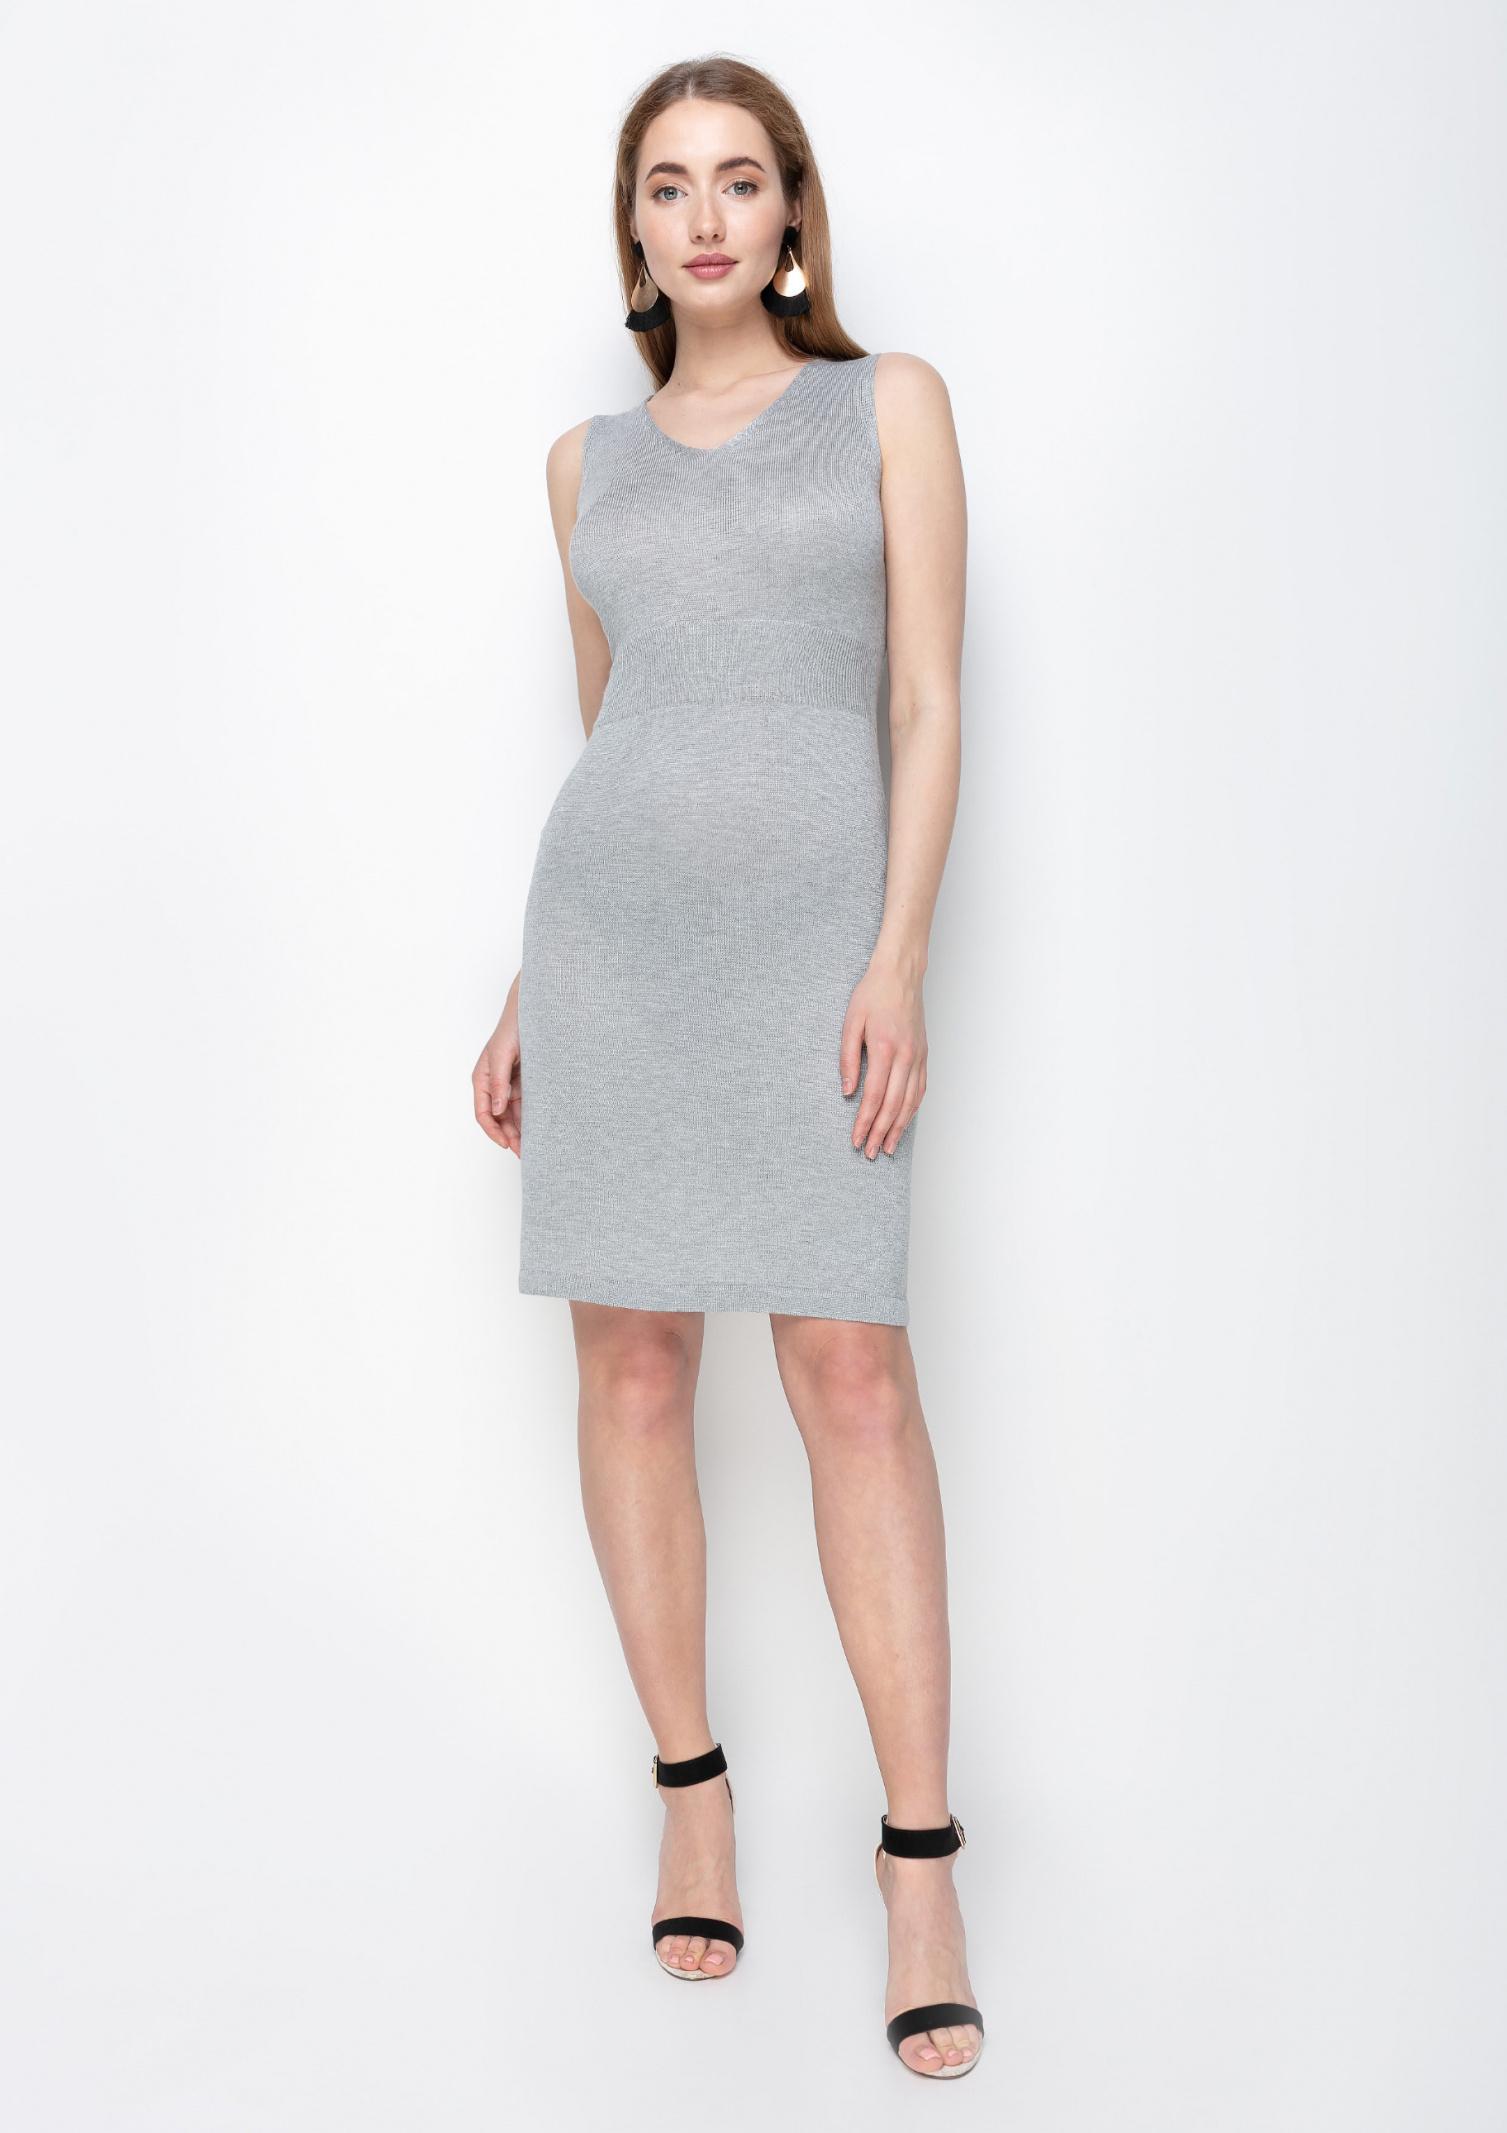 Samange Сукня жіночі модель 590-GIG_215 купити, 2017